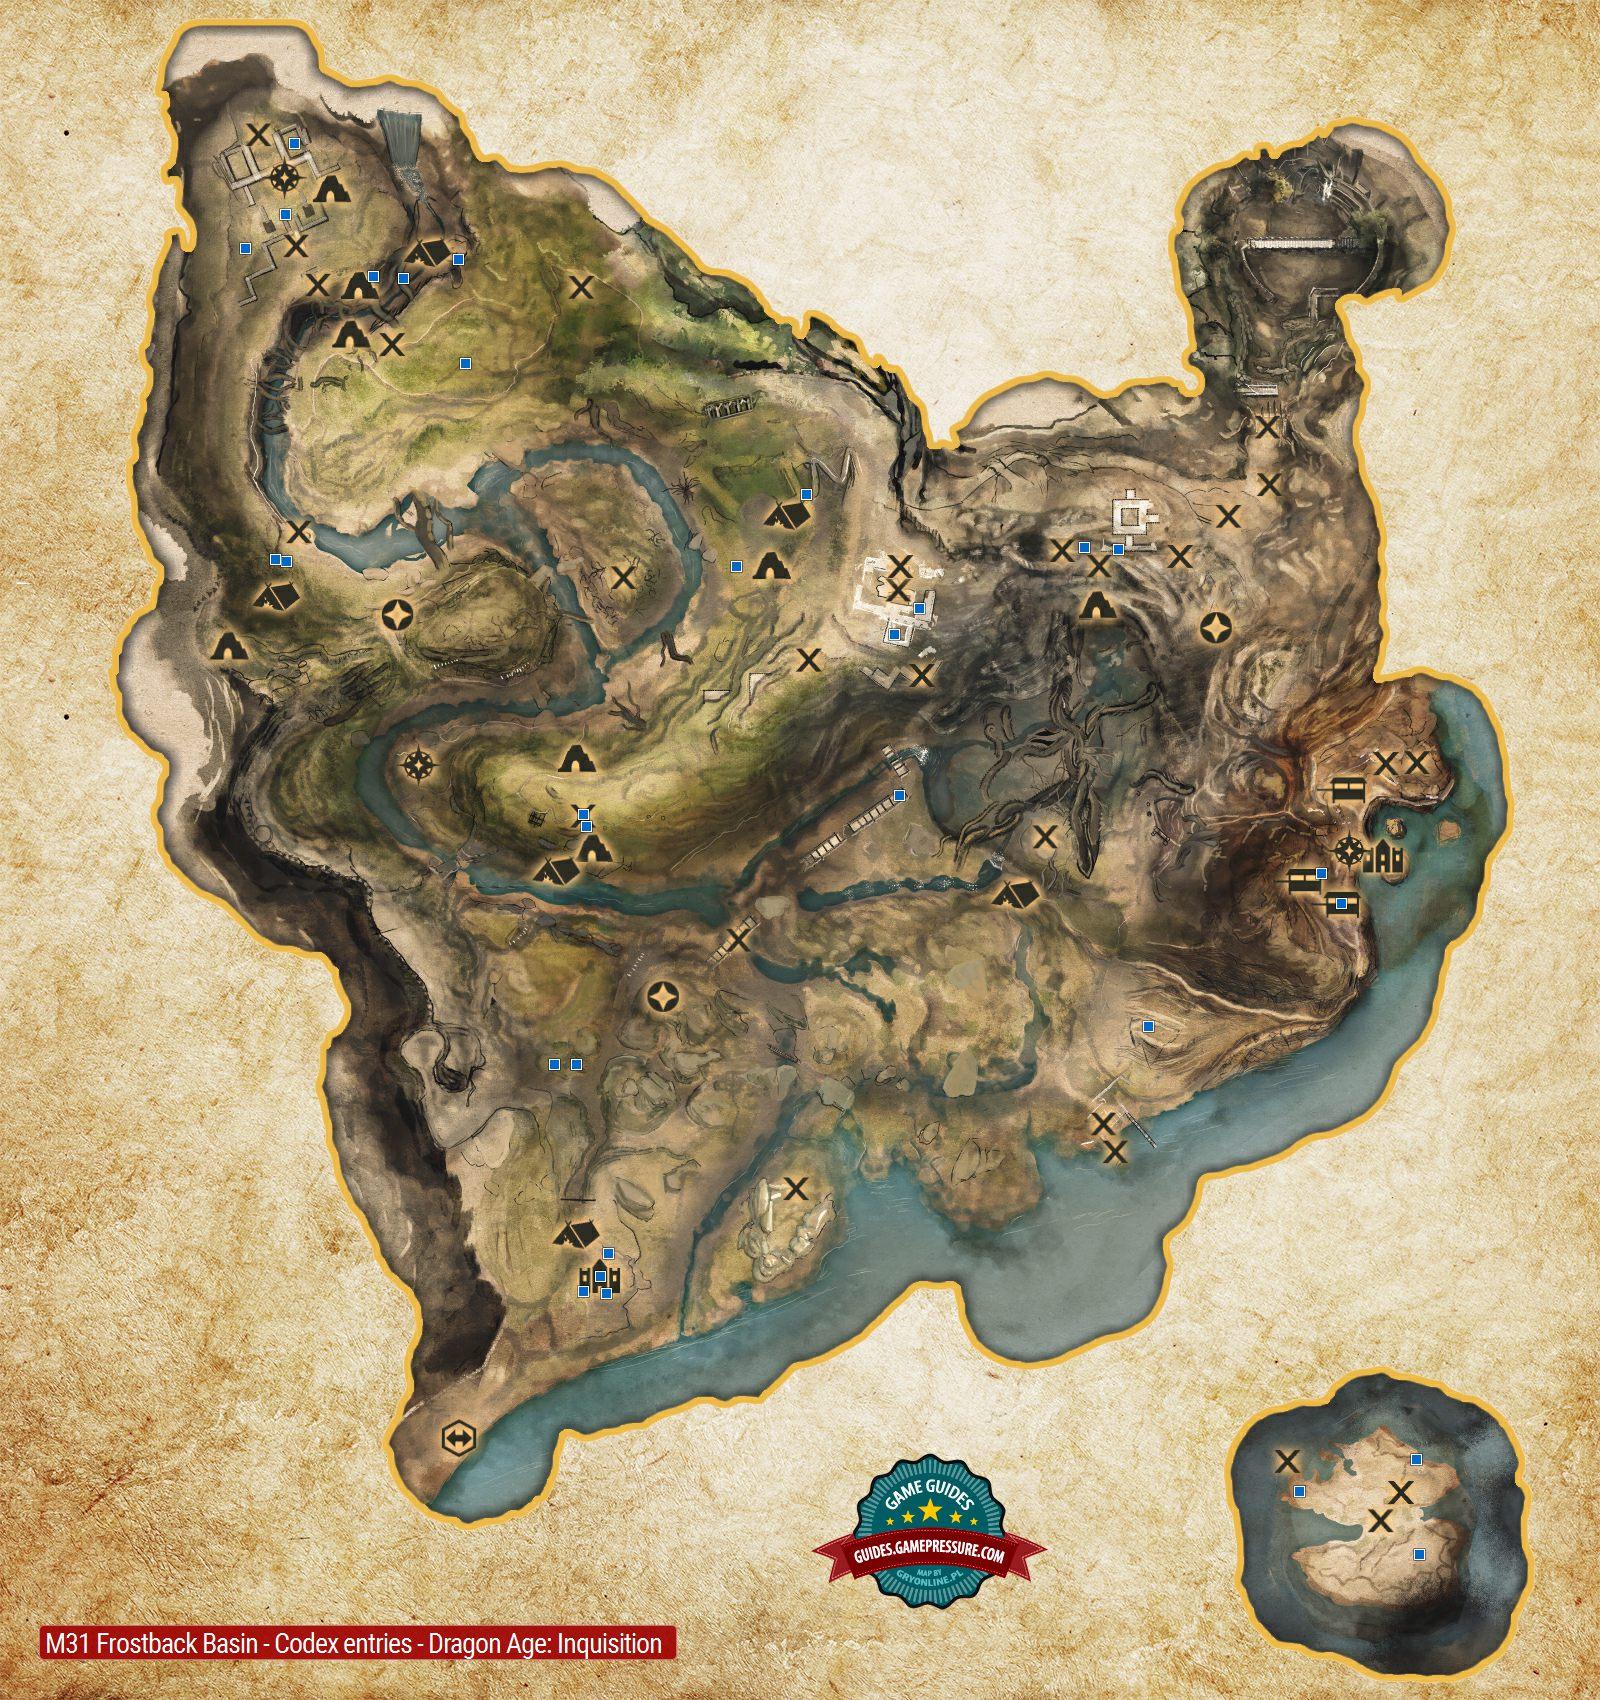 Dragon age inquisition halla statues locations